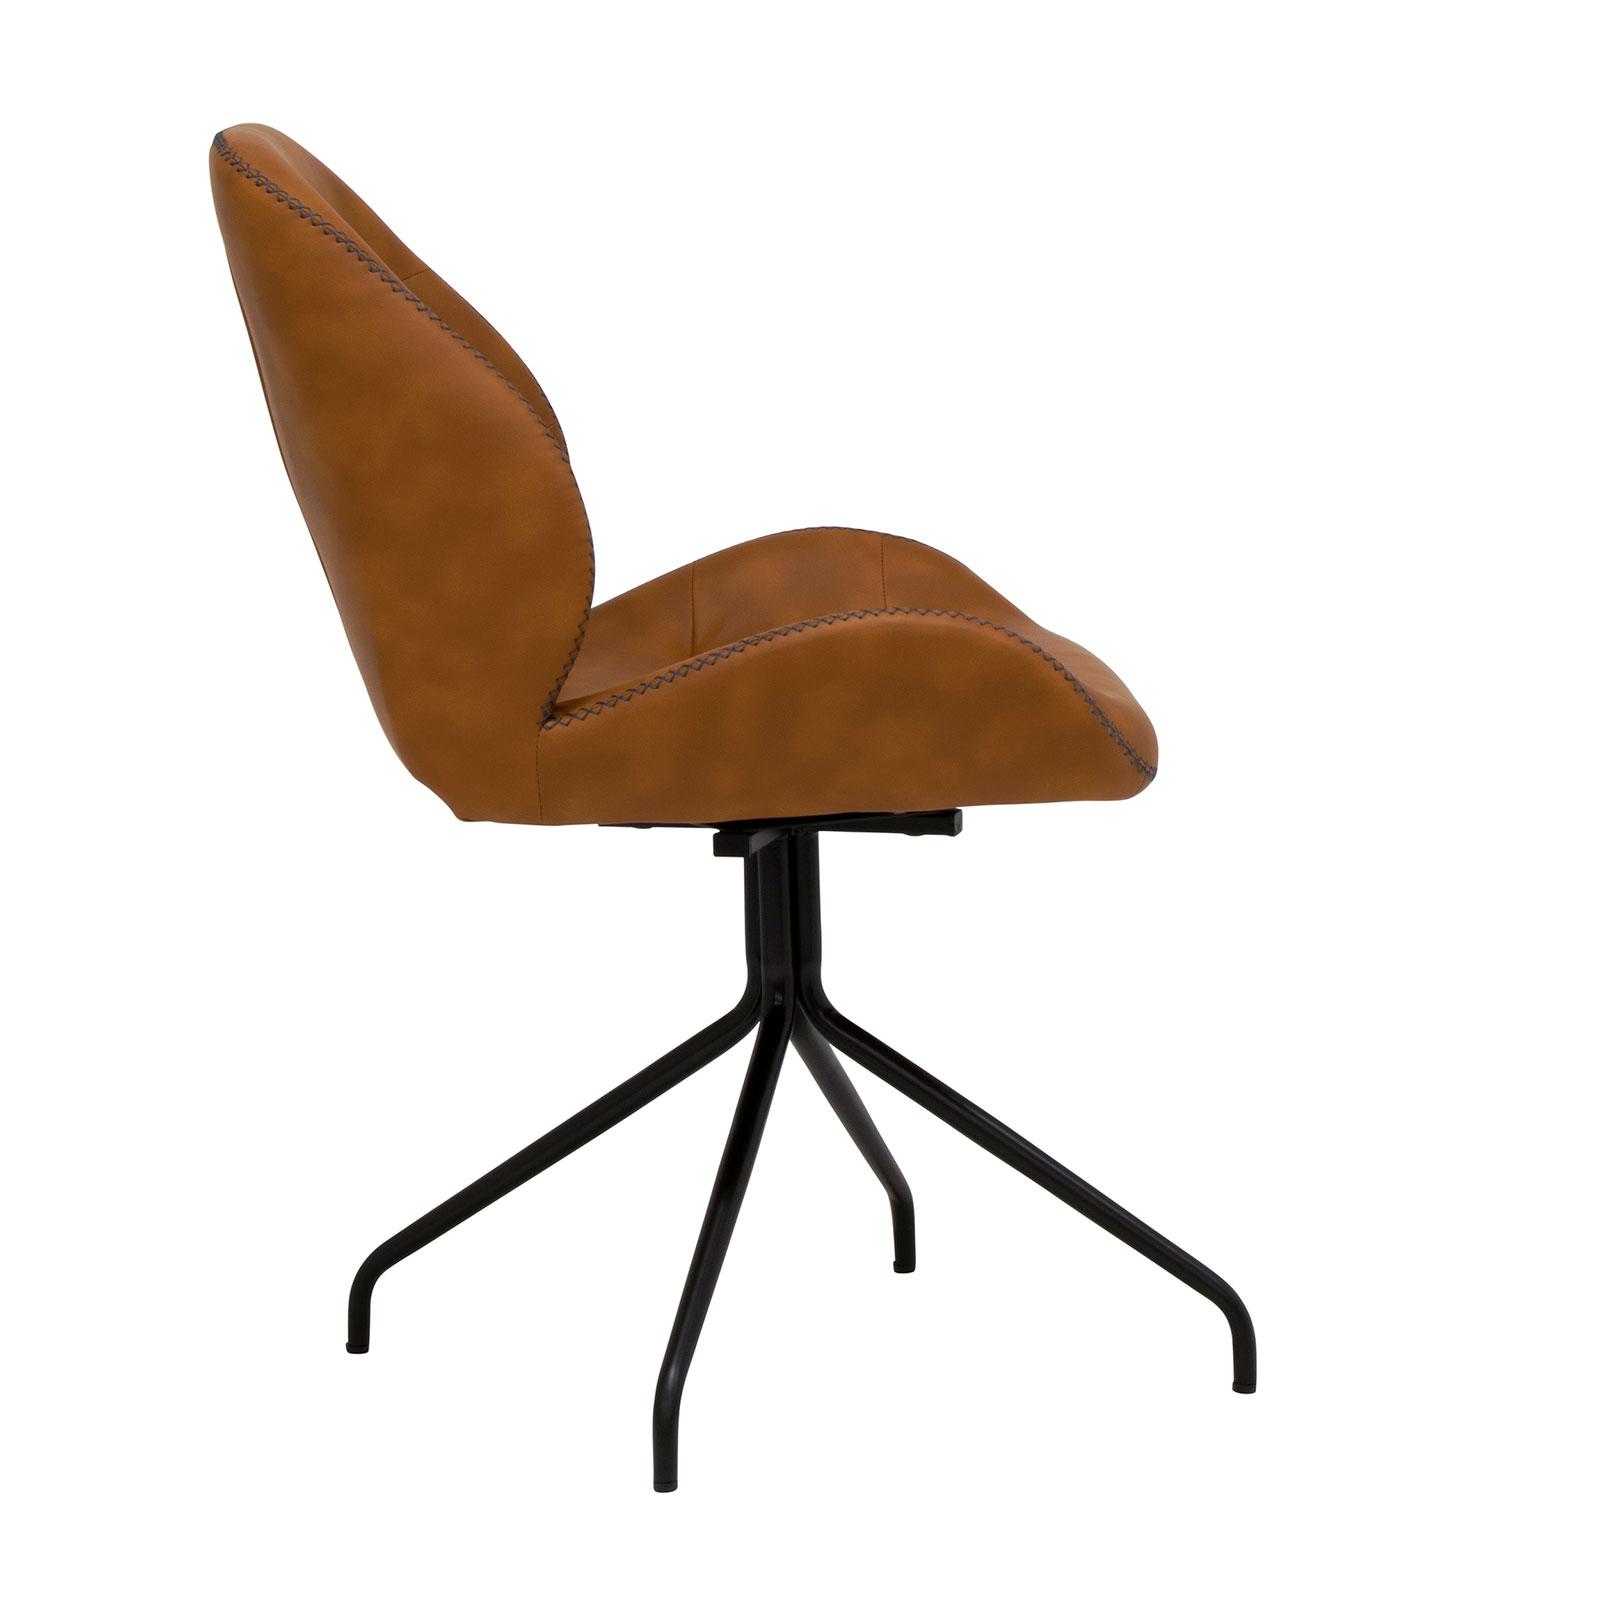 52001-Devonport-Office-Chair-side